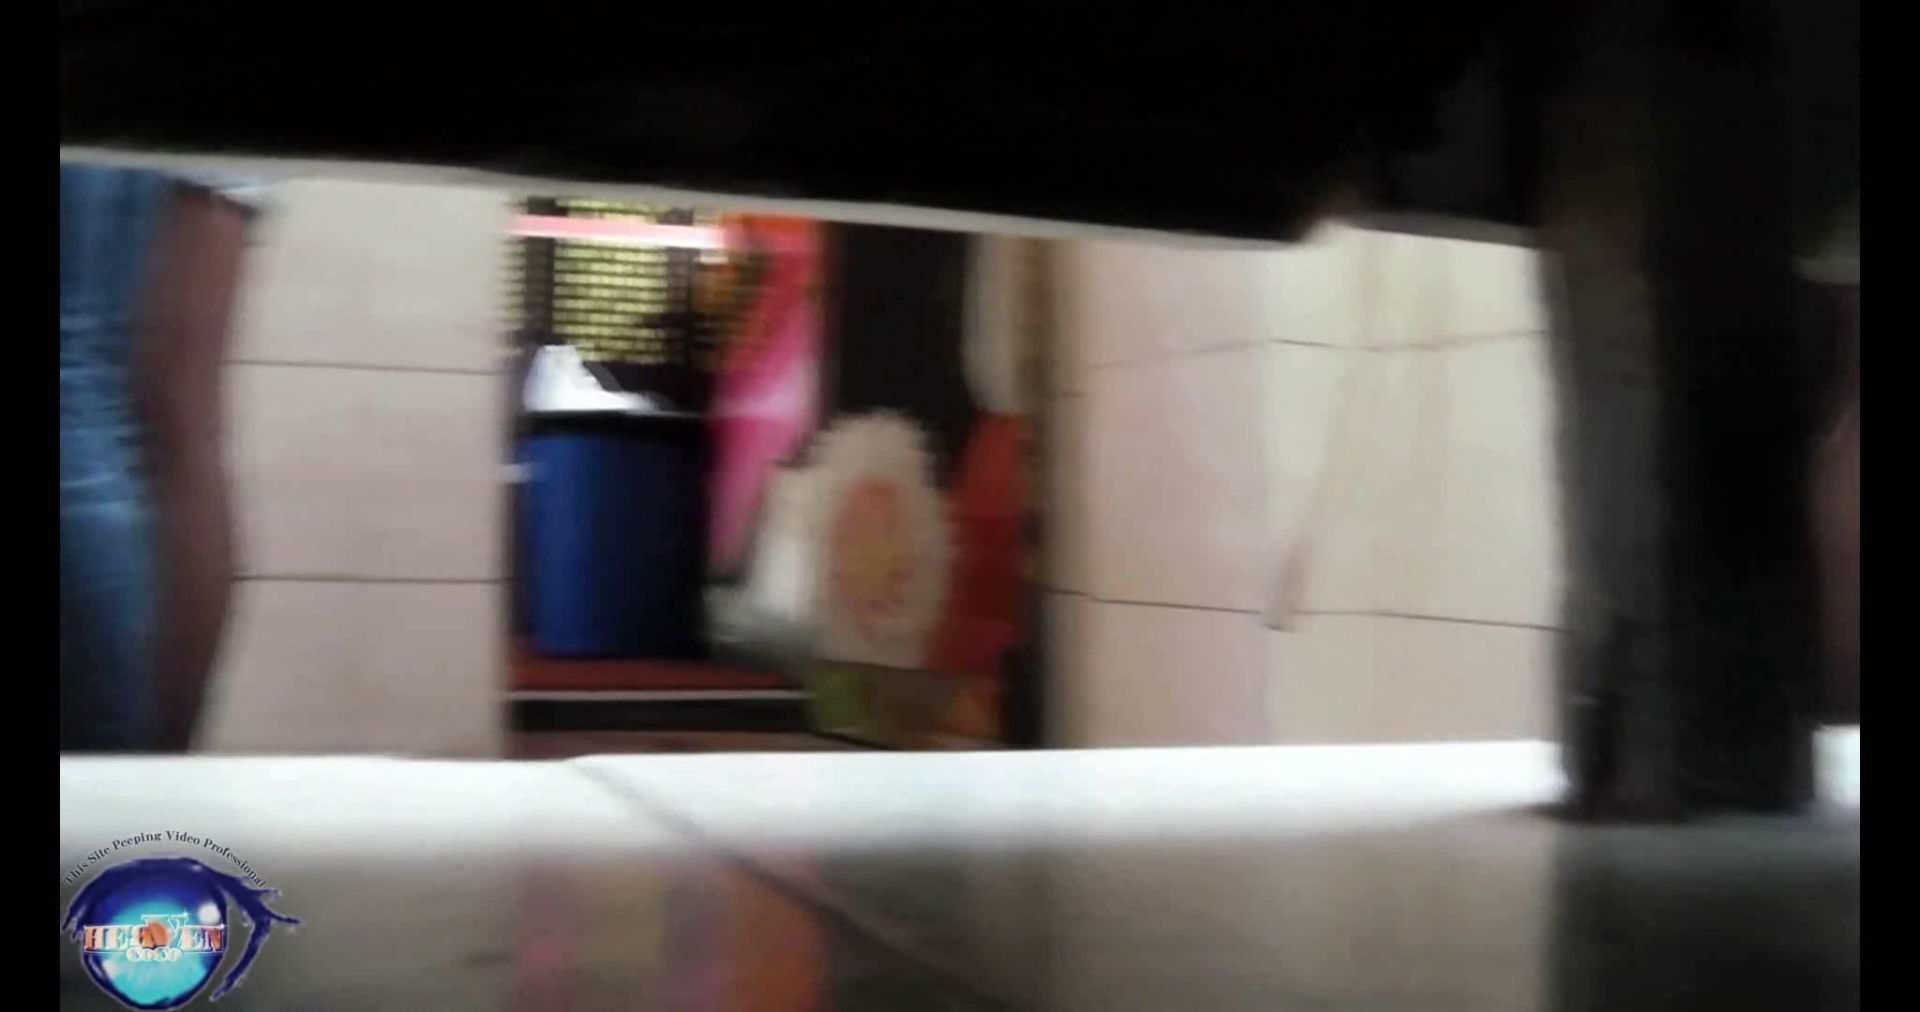 世界の射窓から~ステーション編~vol.34 無料動画のモデルつい本番登場Ⅱやっぱり違います 本番 | OL女体  104連発 73